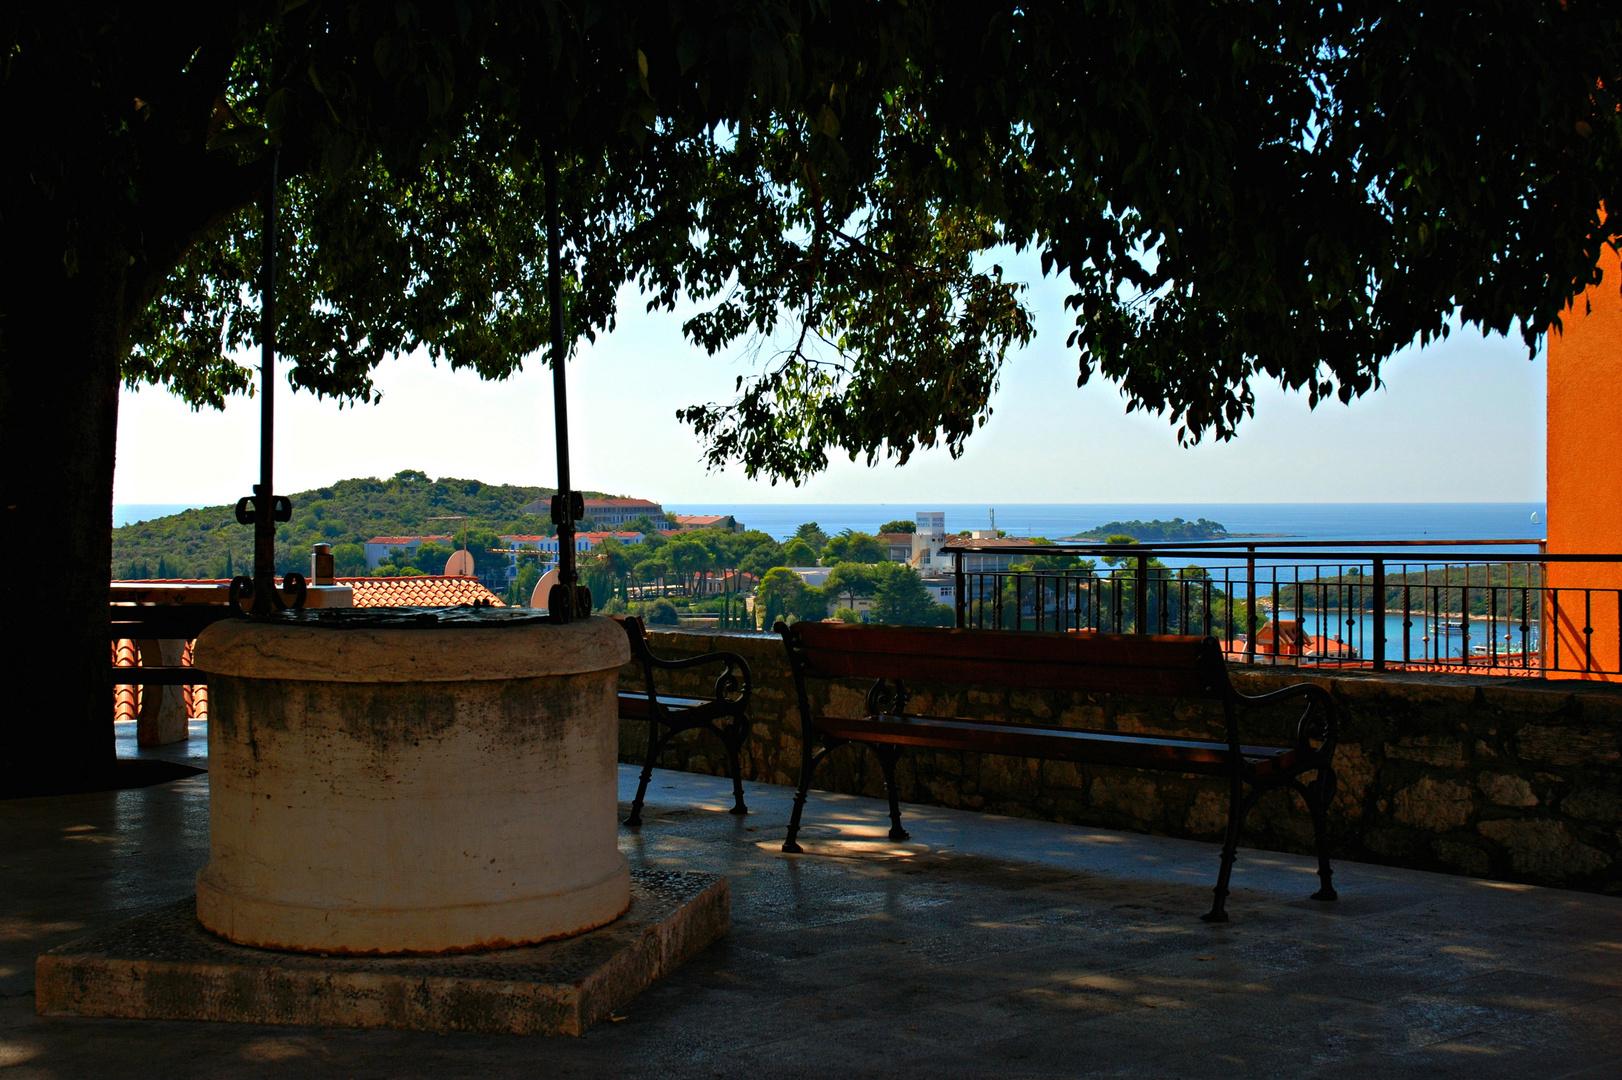 Ein kleiner Rastplatz erlaubt den Blick auf die Adria